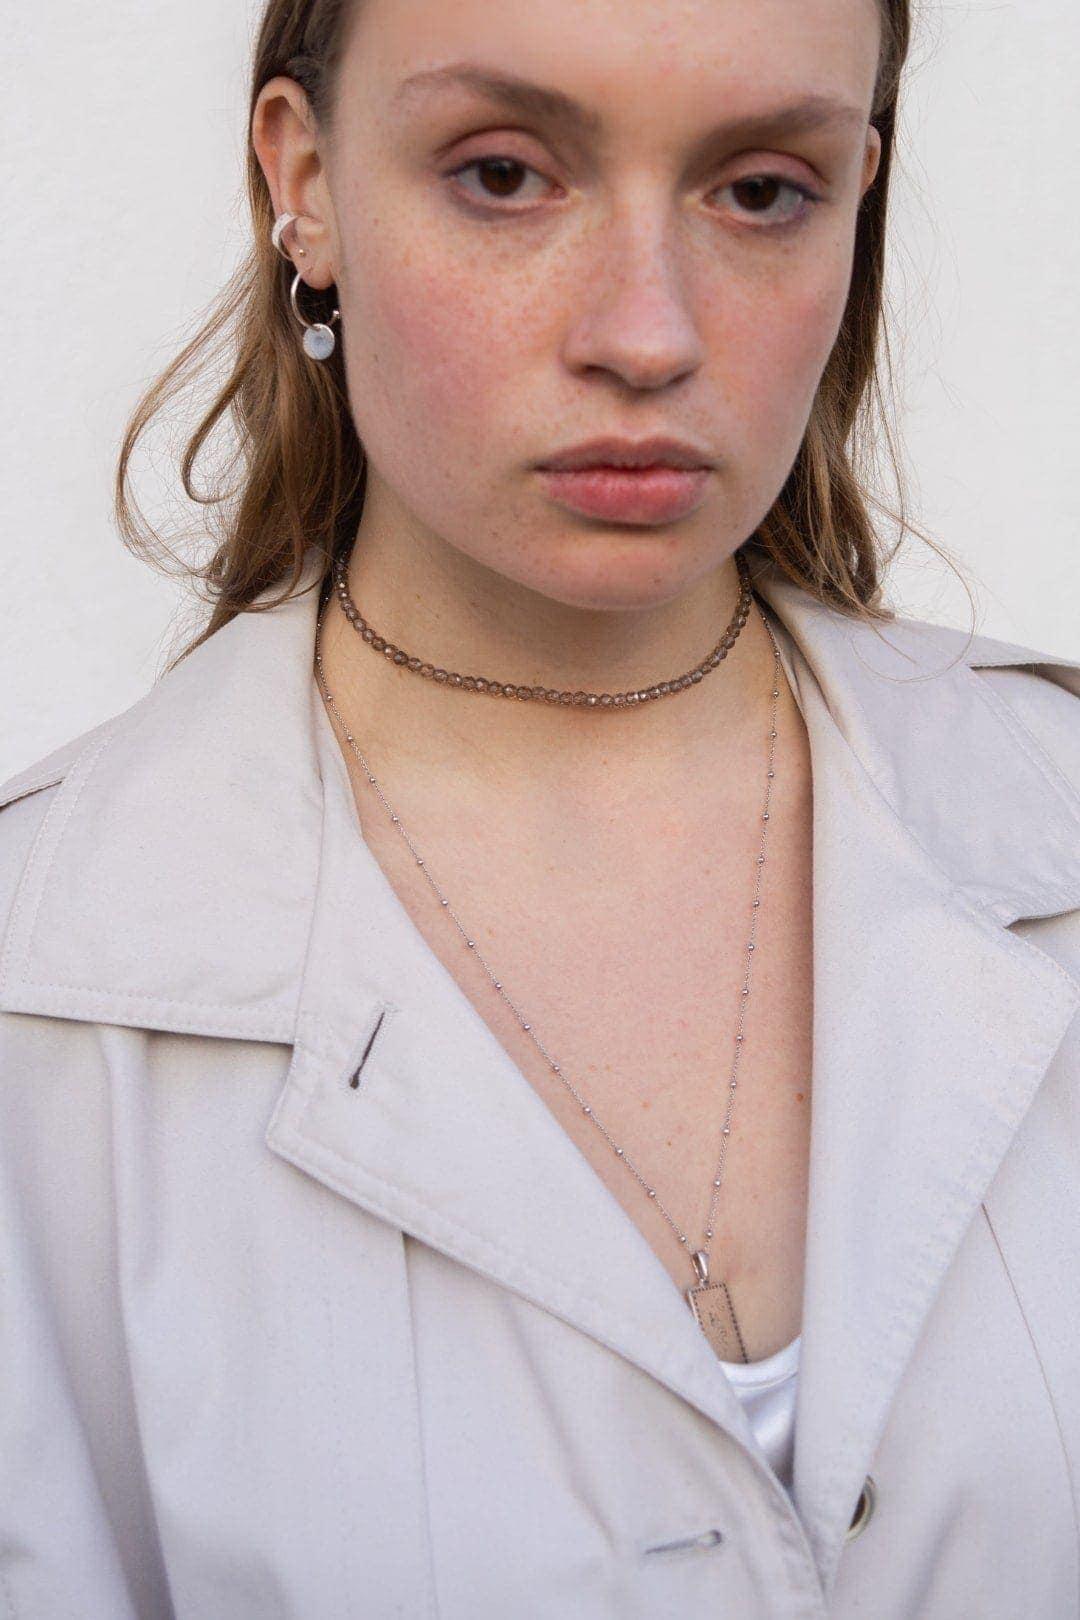 Modelka prezentuje zestaw biżuterii autorskiej: naszyjnik z grawerem, choker na szyje, nausznice i kolczyki koła z zawieszką.